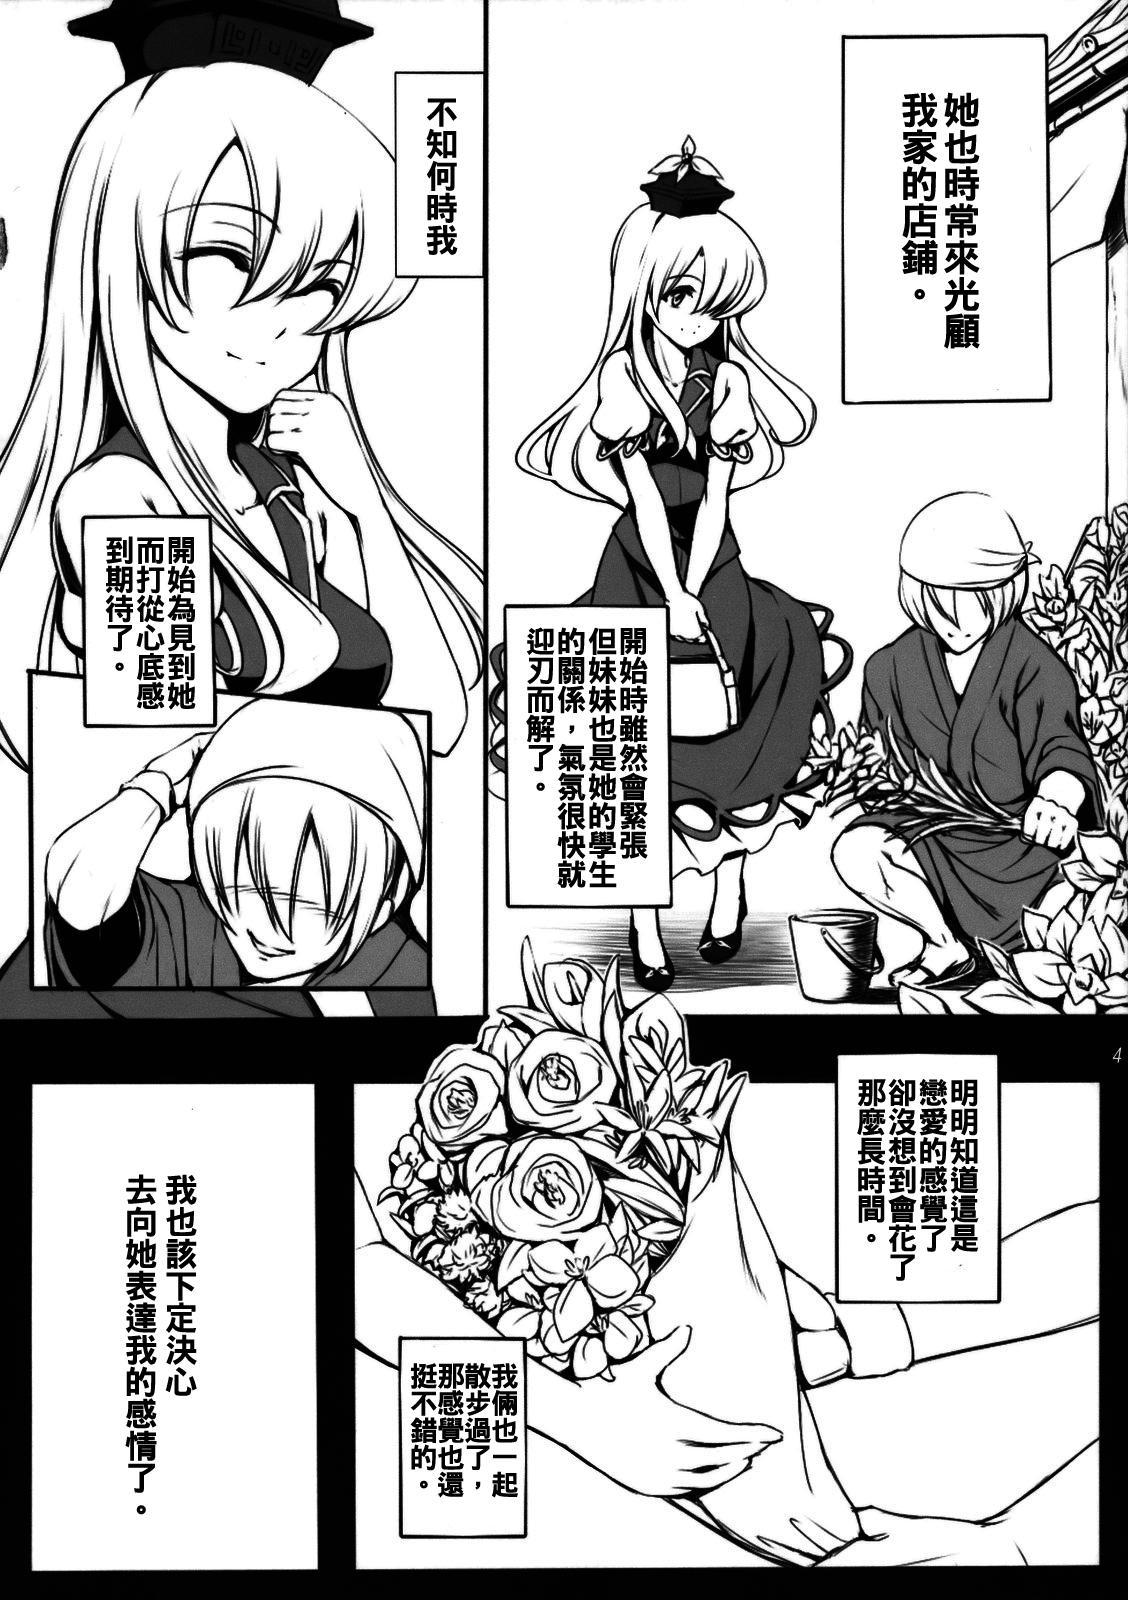 Kanojo no Himitsu 4